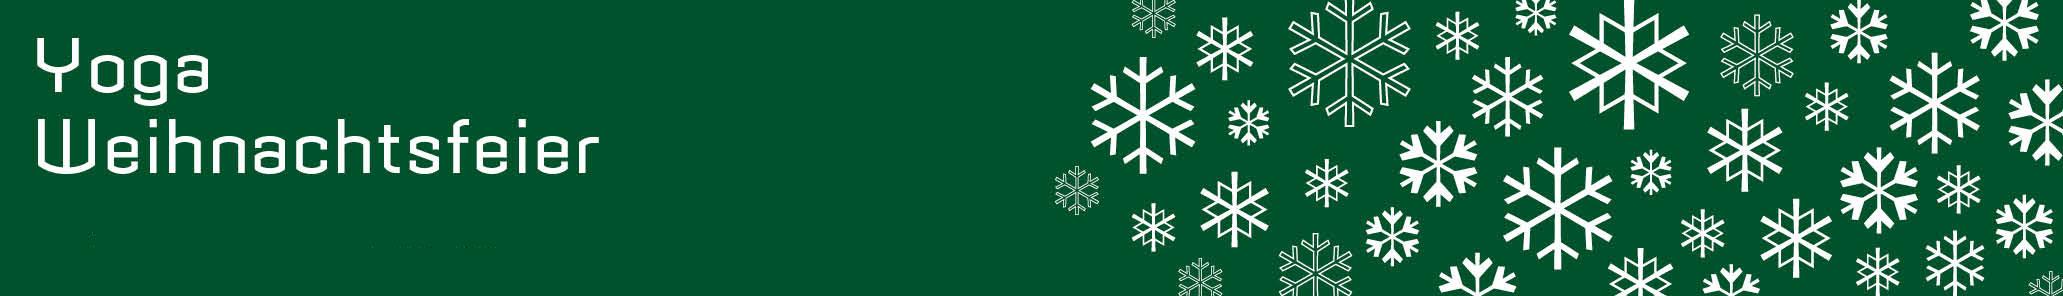 balken_weihnachtsfeier